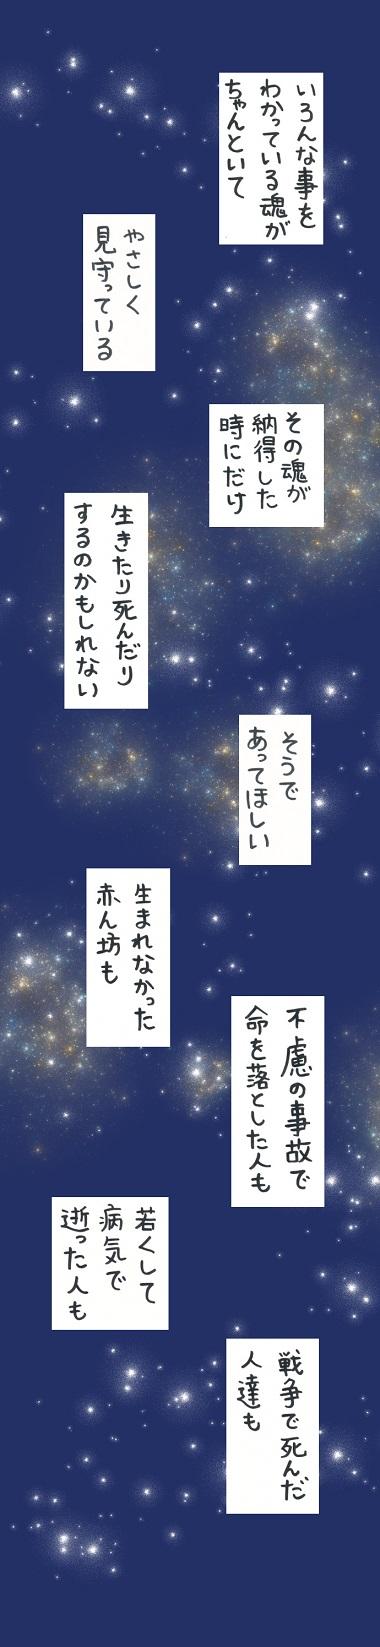 noboru19-3.jpg